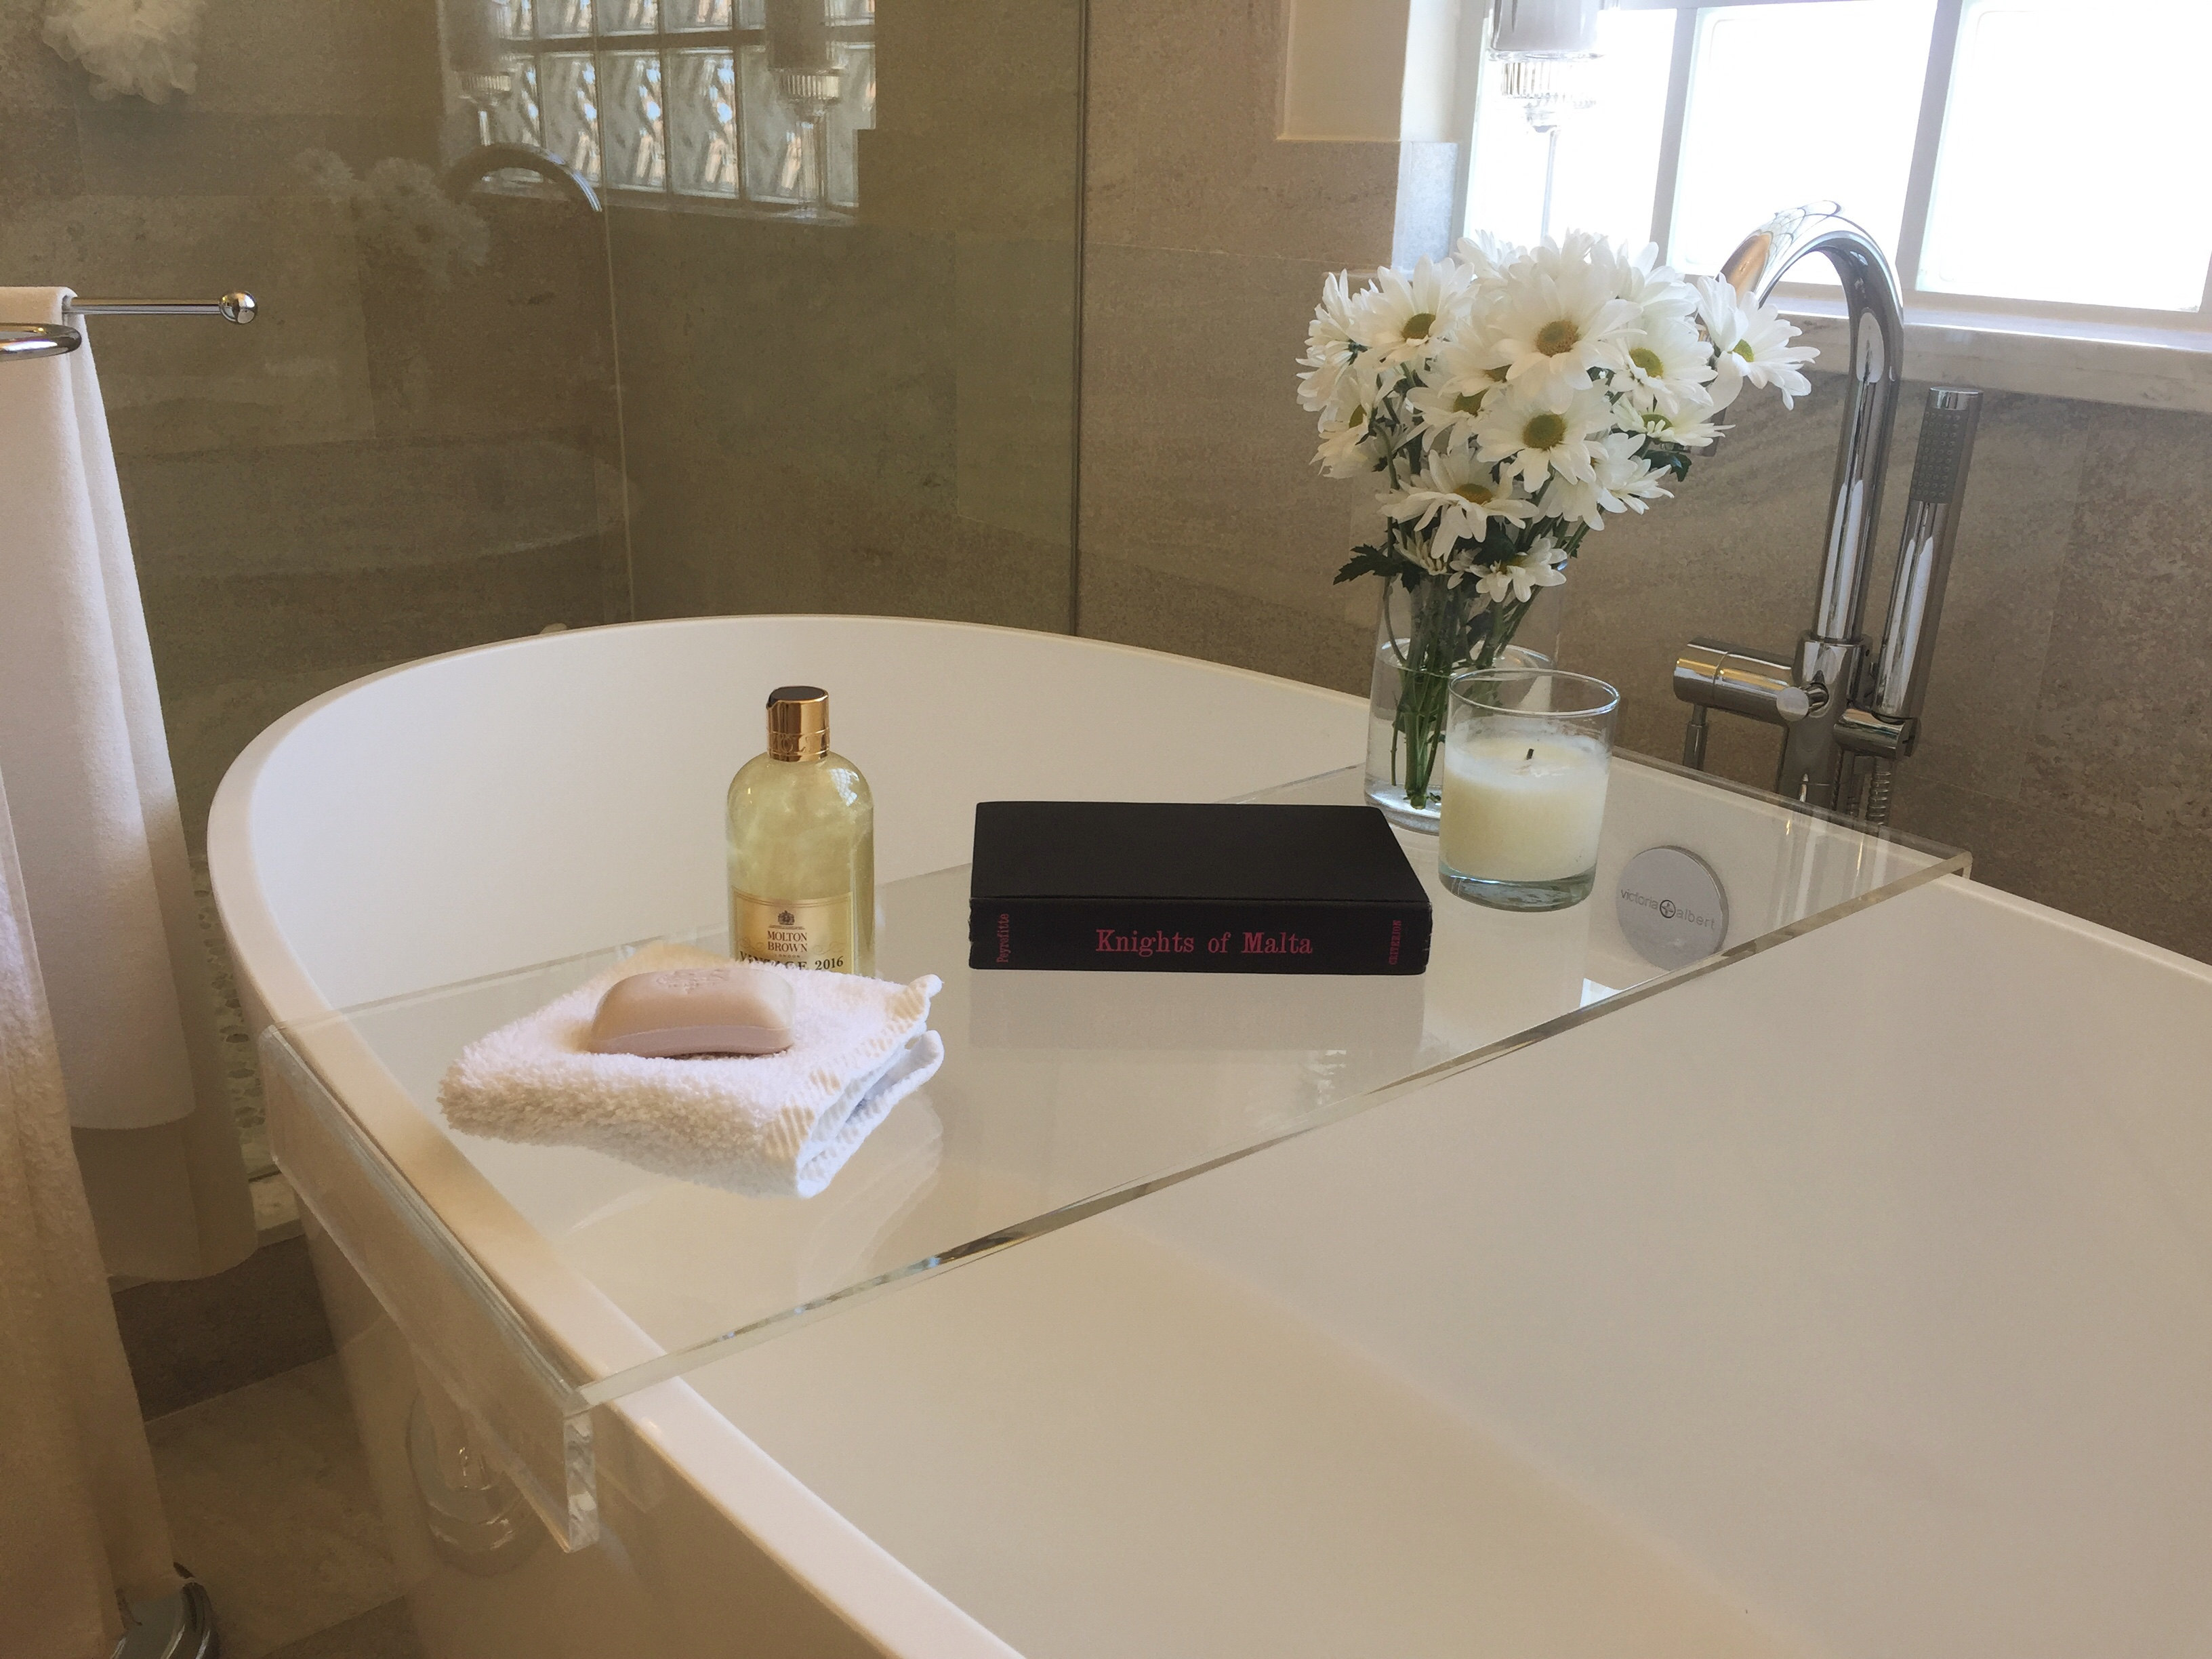 Acrylic Bathtub Caddy United Products Llc